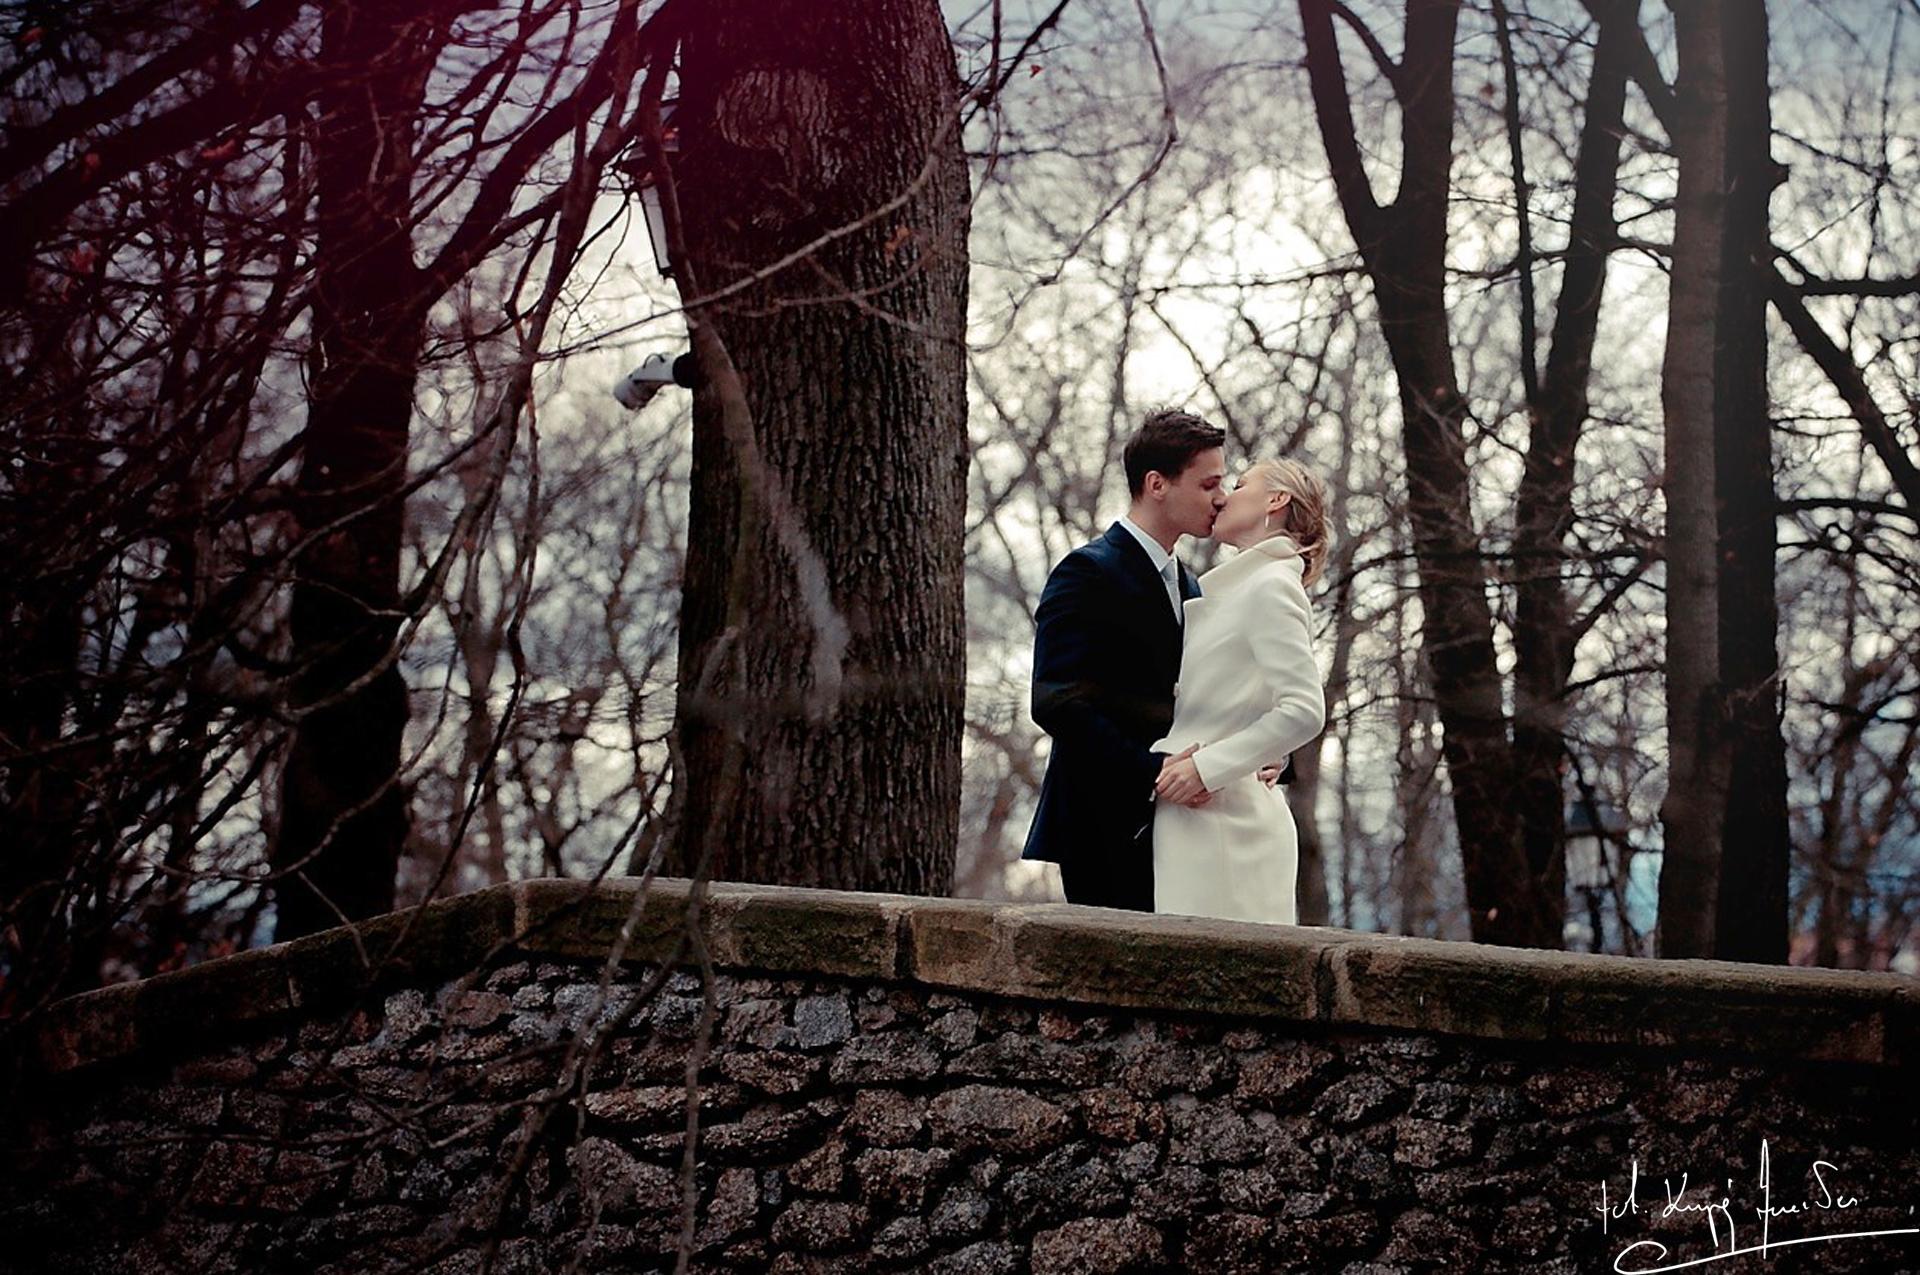 Ślub w jeleniej górze 12 Lutowy Plener z Eweliną i Mikołajem